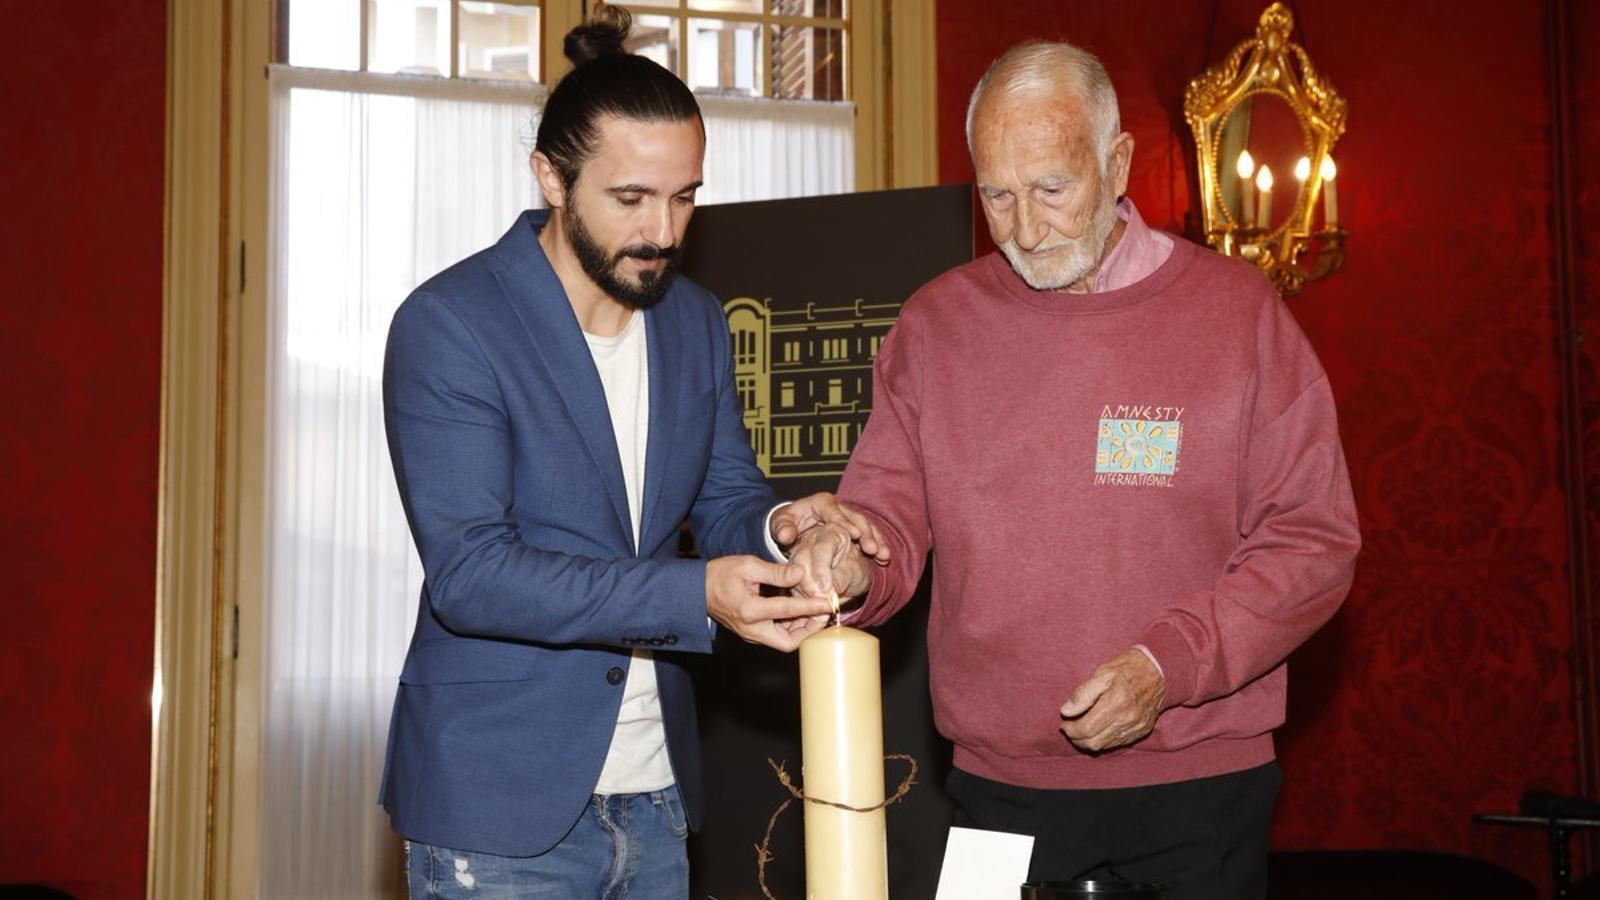 El president del Parlament, Baltasar Picornell, i el coordinador d'Amnistia Internacional, Paco Palacios.